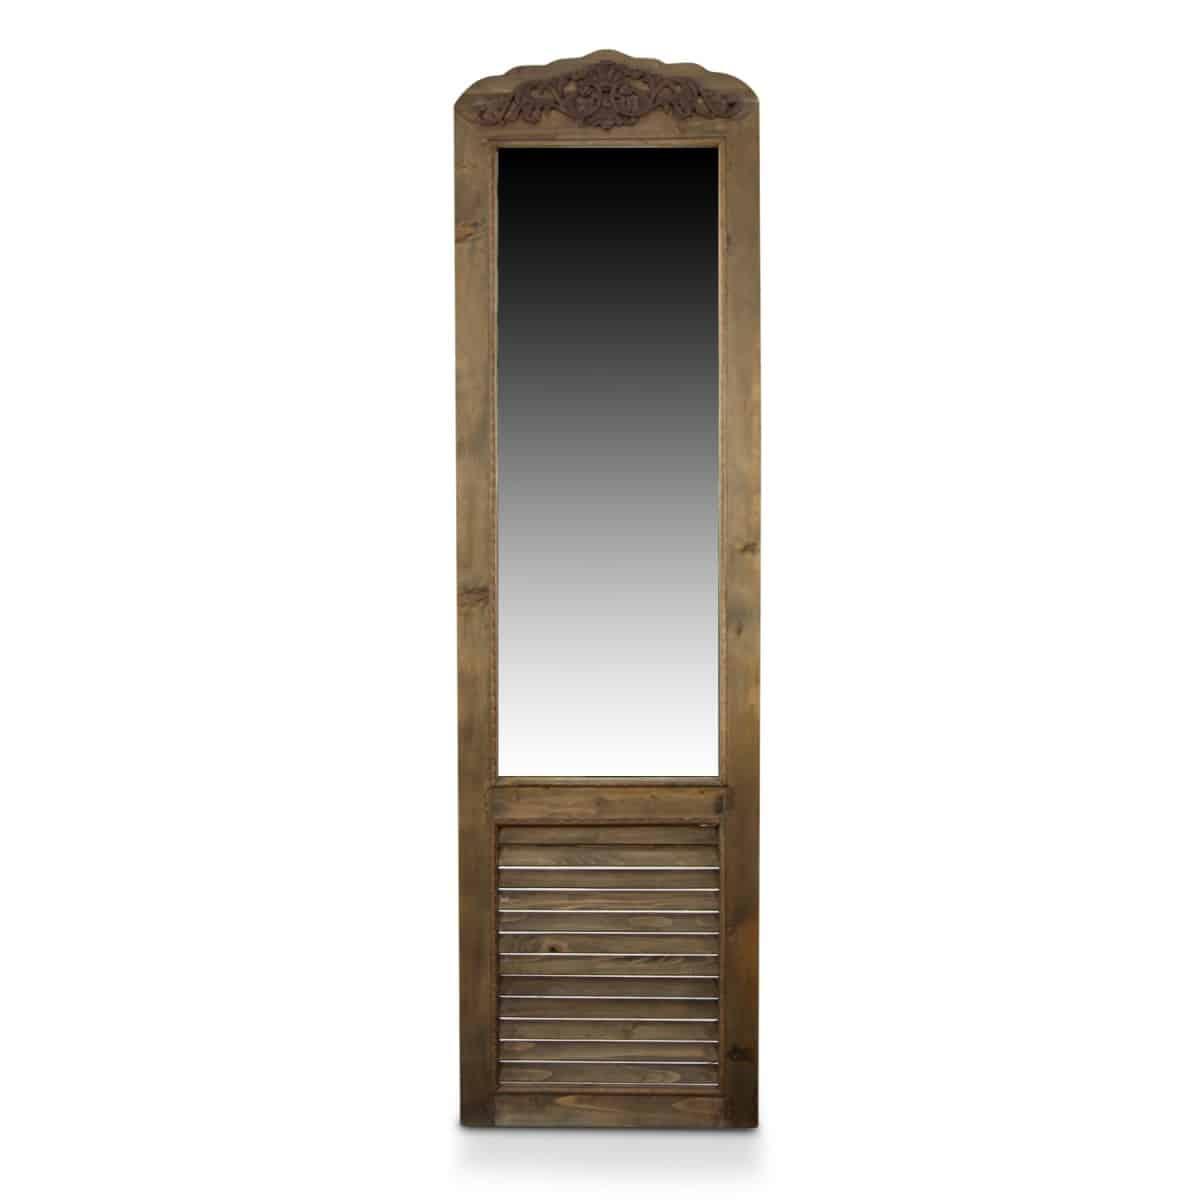 Miroir Ancien Rectangulaire Vertical Sur Pied Bois 48.5x5x170cm